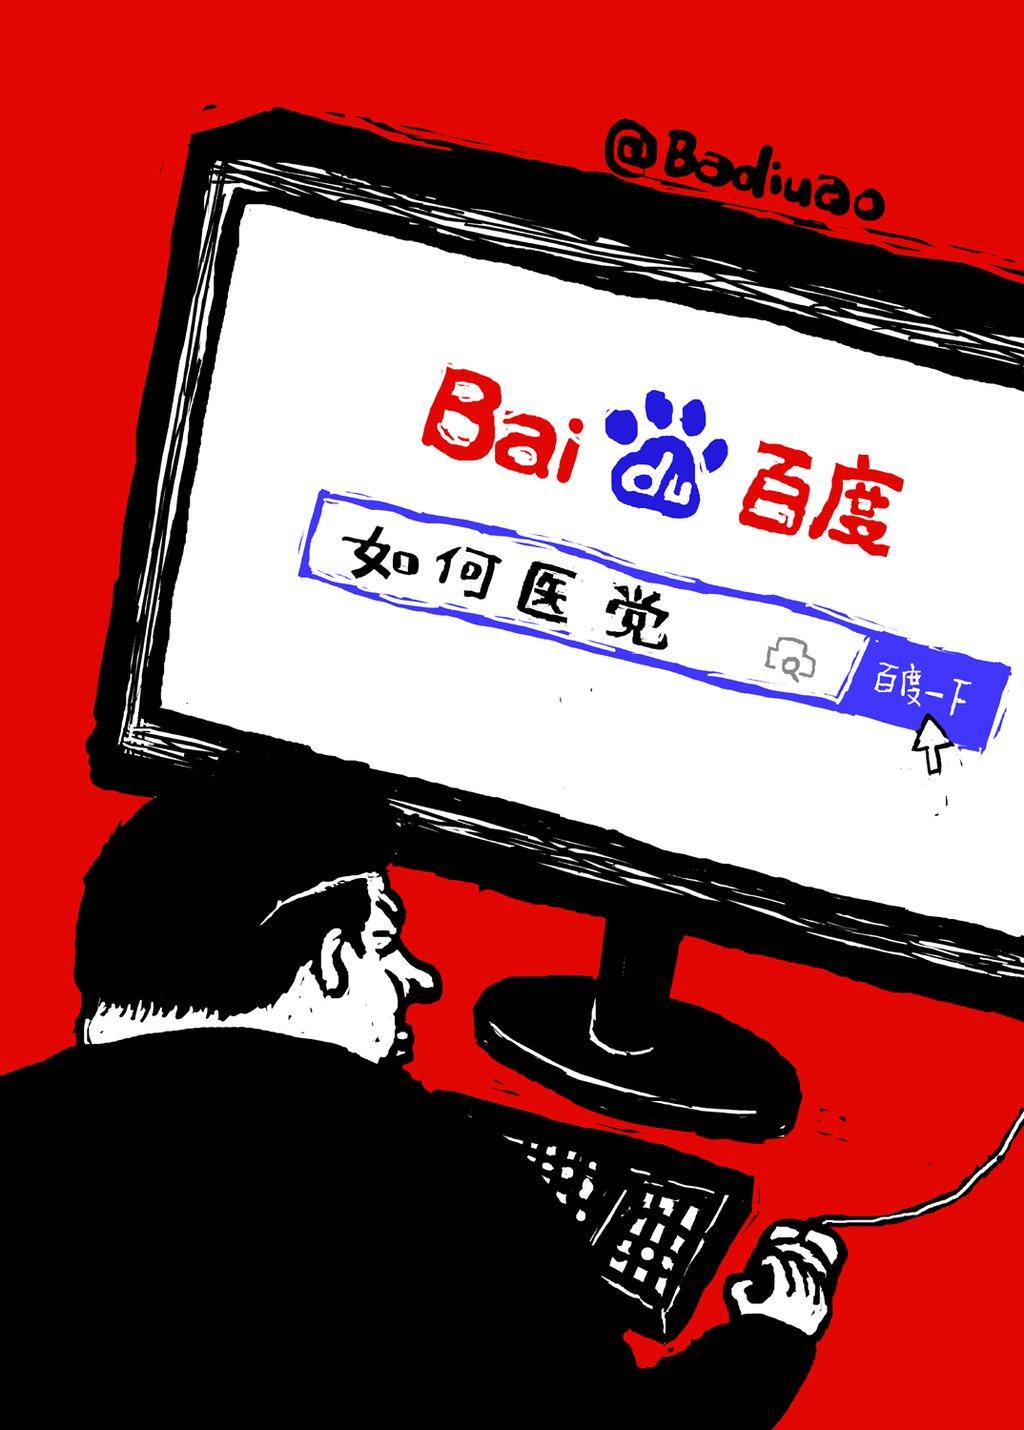 巴丢草 Badiucao @badiucao 22h22 hours ago #巴丢草 漫画 【百度一下,你就完蛋】在没有谷歌的中国,#魏则西 同学百度了一下滑膜肉瘤,惨死;在没有谷歌的赵国,我期待着赵王 #习近平 百度一下,如何救党。#百度 pic.twitter.com/VxfUbk7NPr